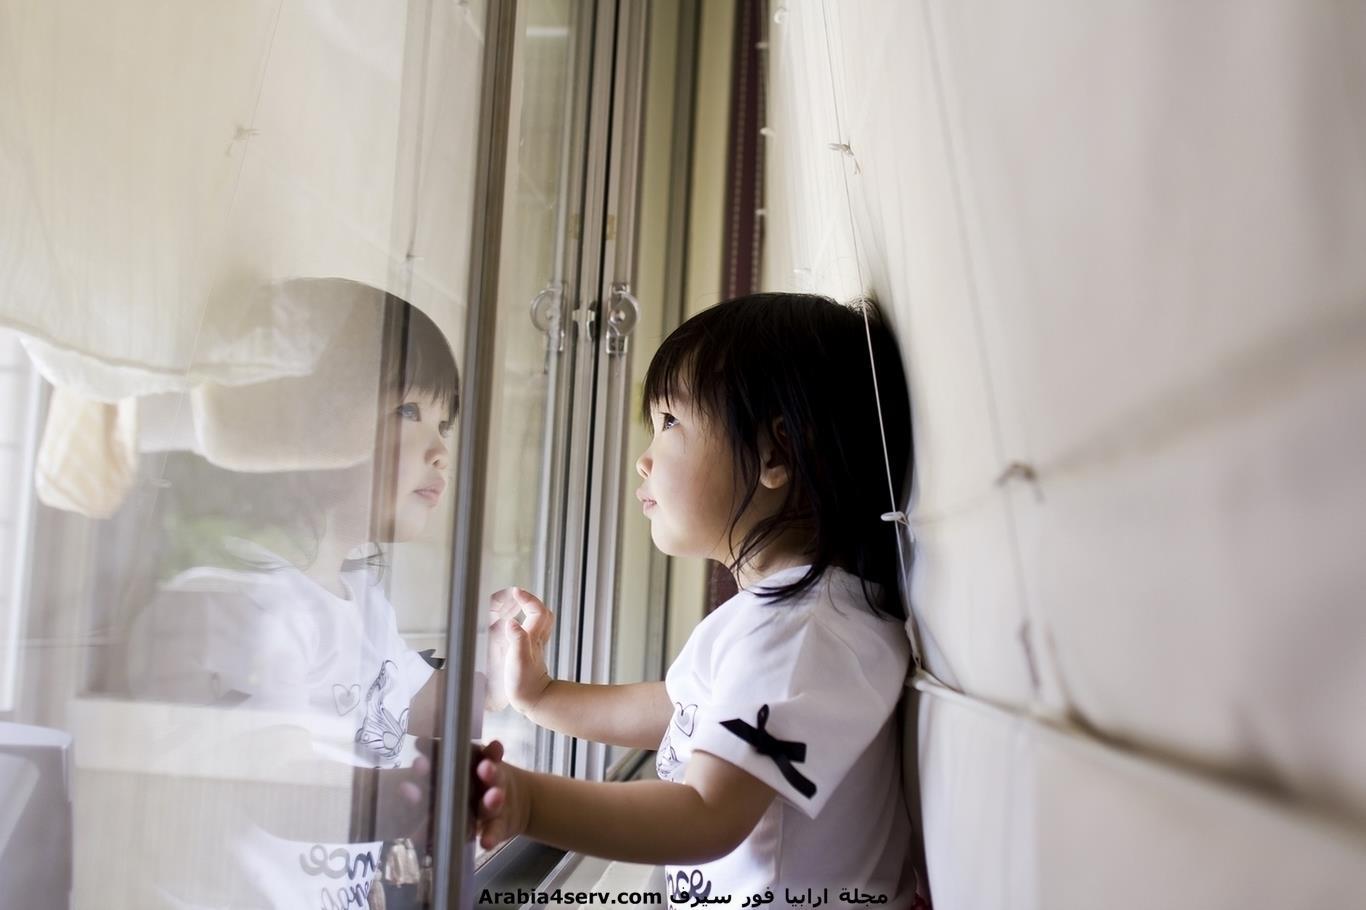 طفلة يابانية